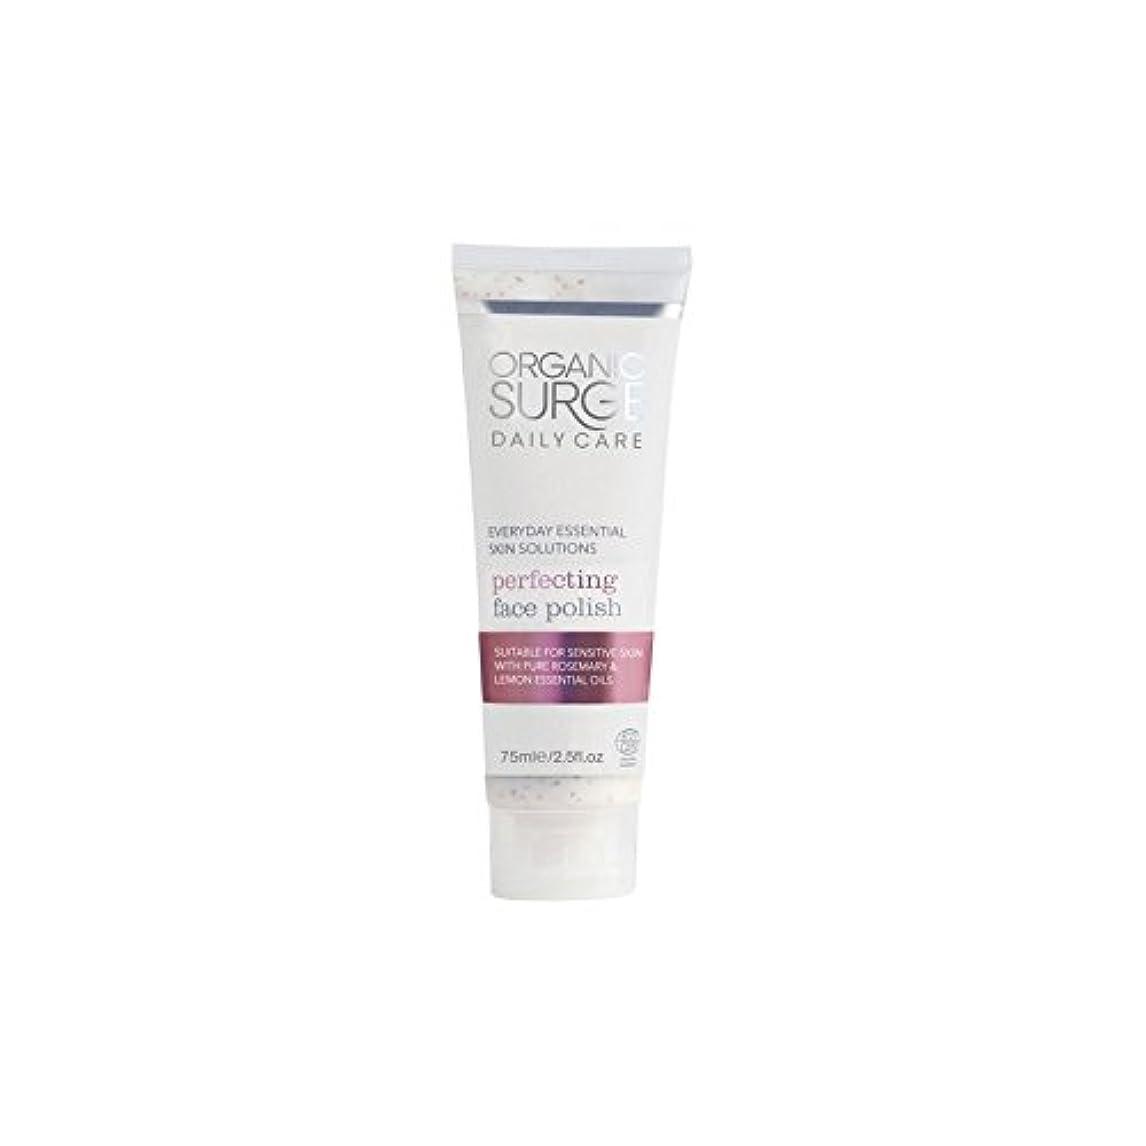 検索エンジンマーケティング数字歌面研磨を完成有機サージ毎日のケア(75ミリリットル) x4 - Organic Surge Daily Care Perfecting Face Polish (75ml) (Pack of 4) [並行輸入品]